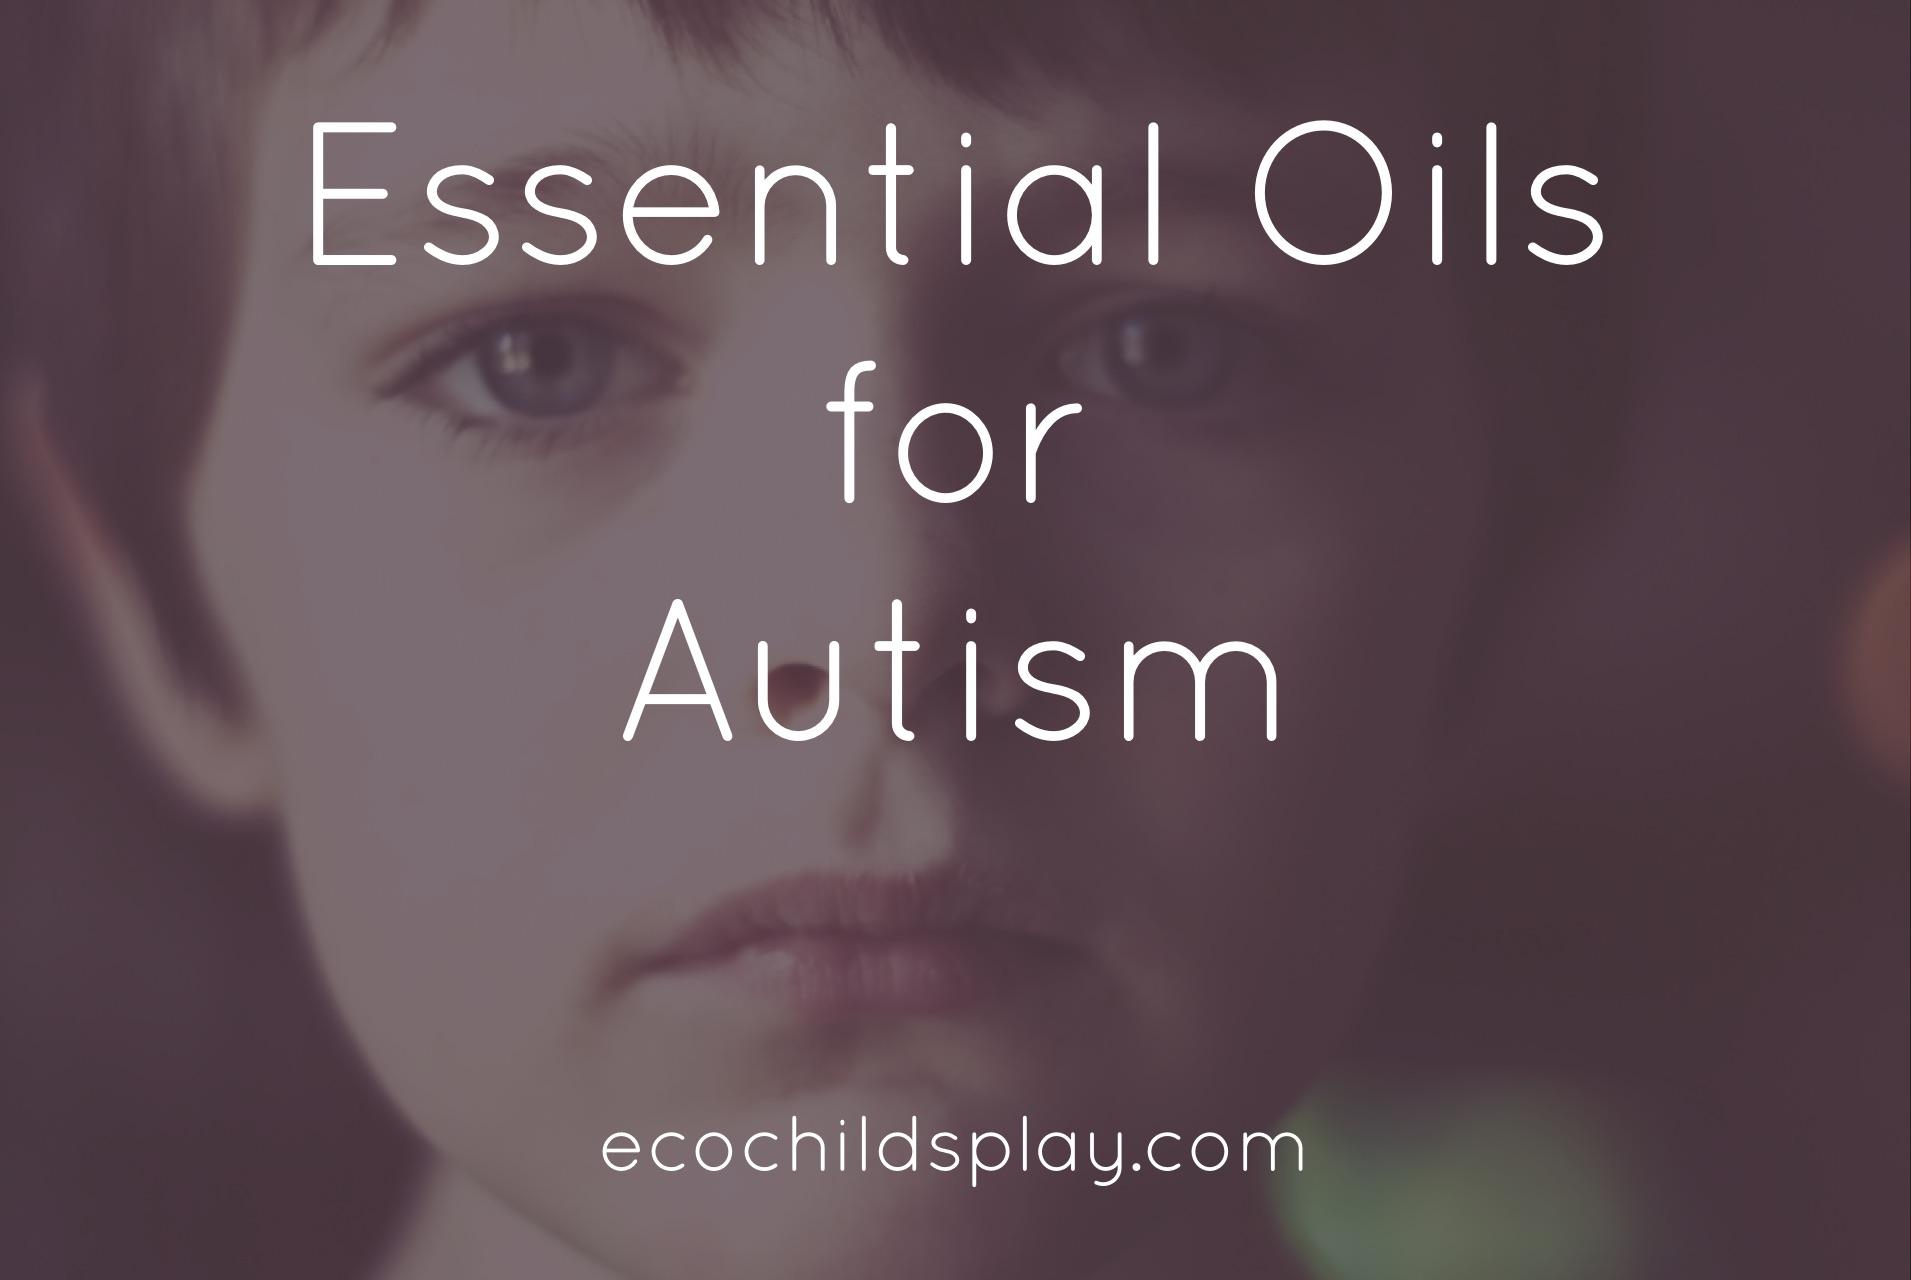 essentials oils for autism